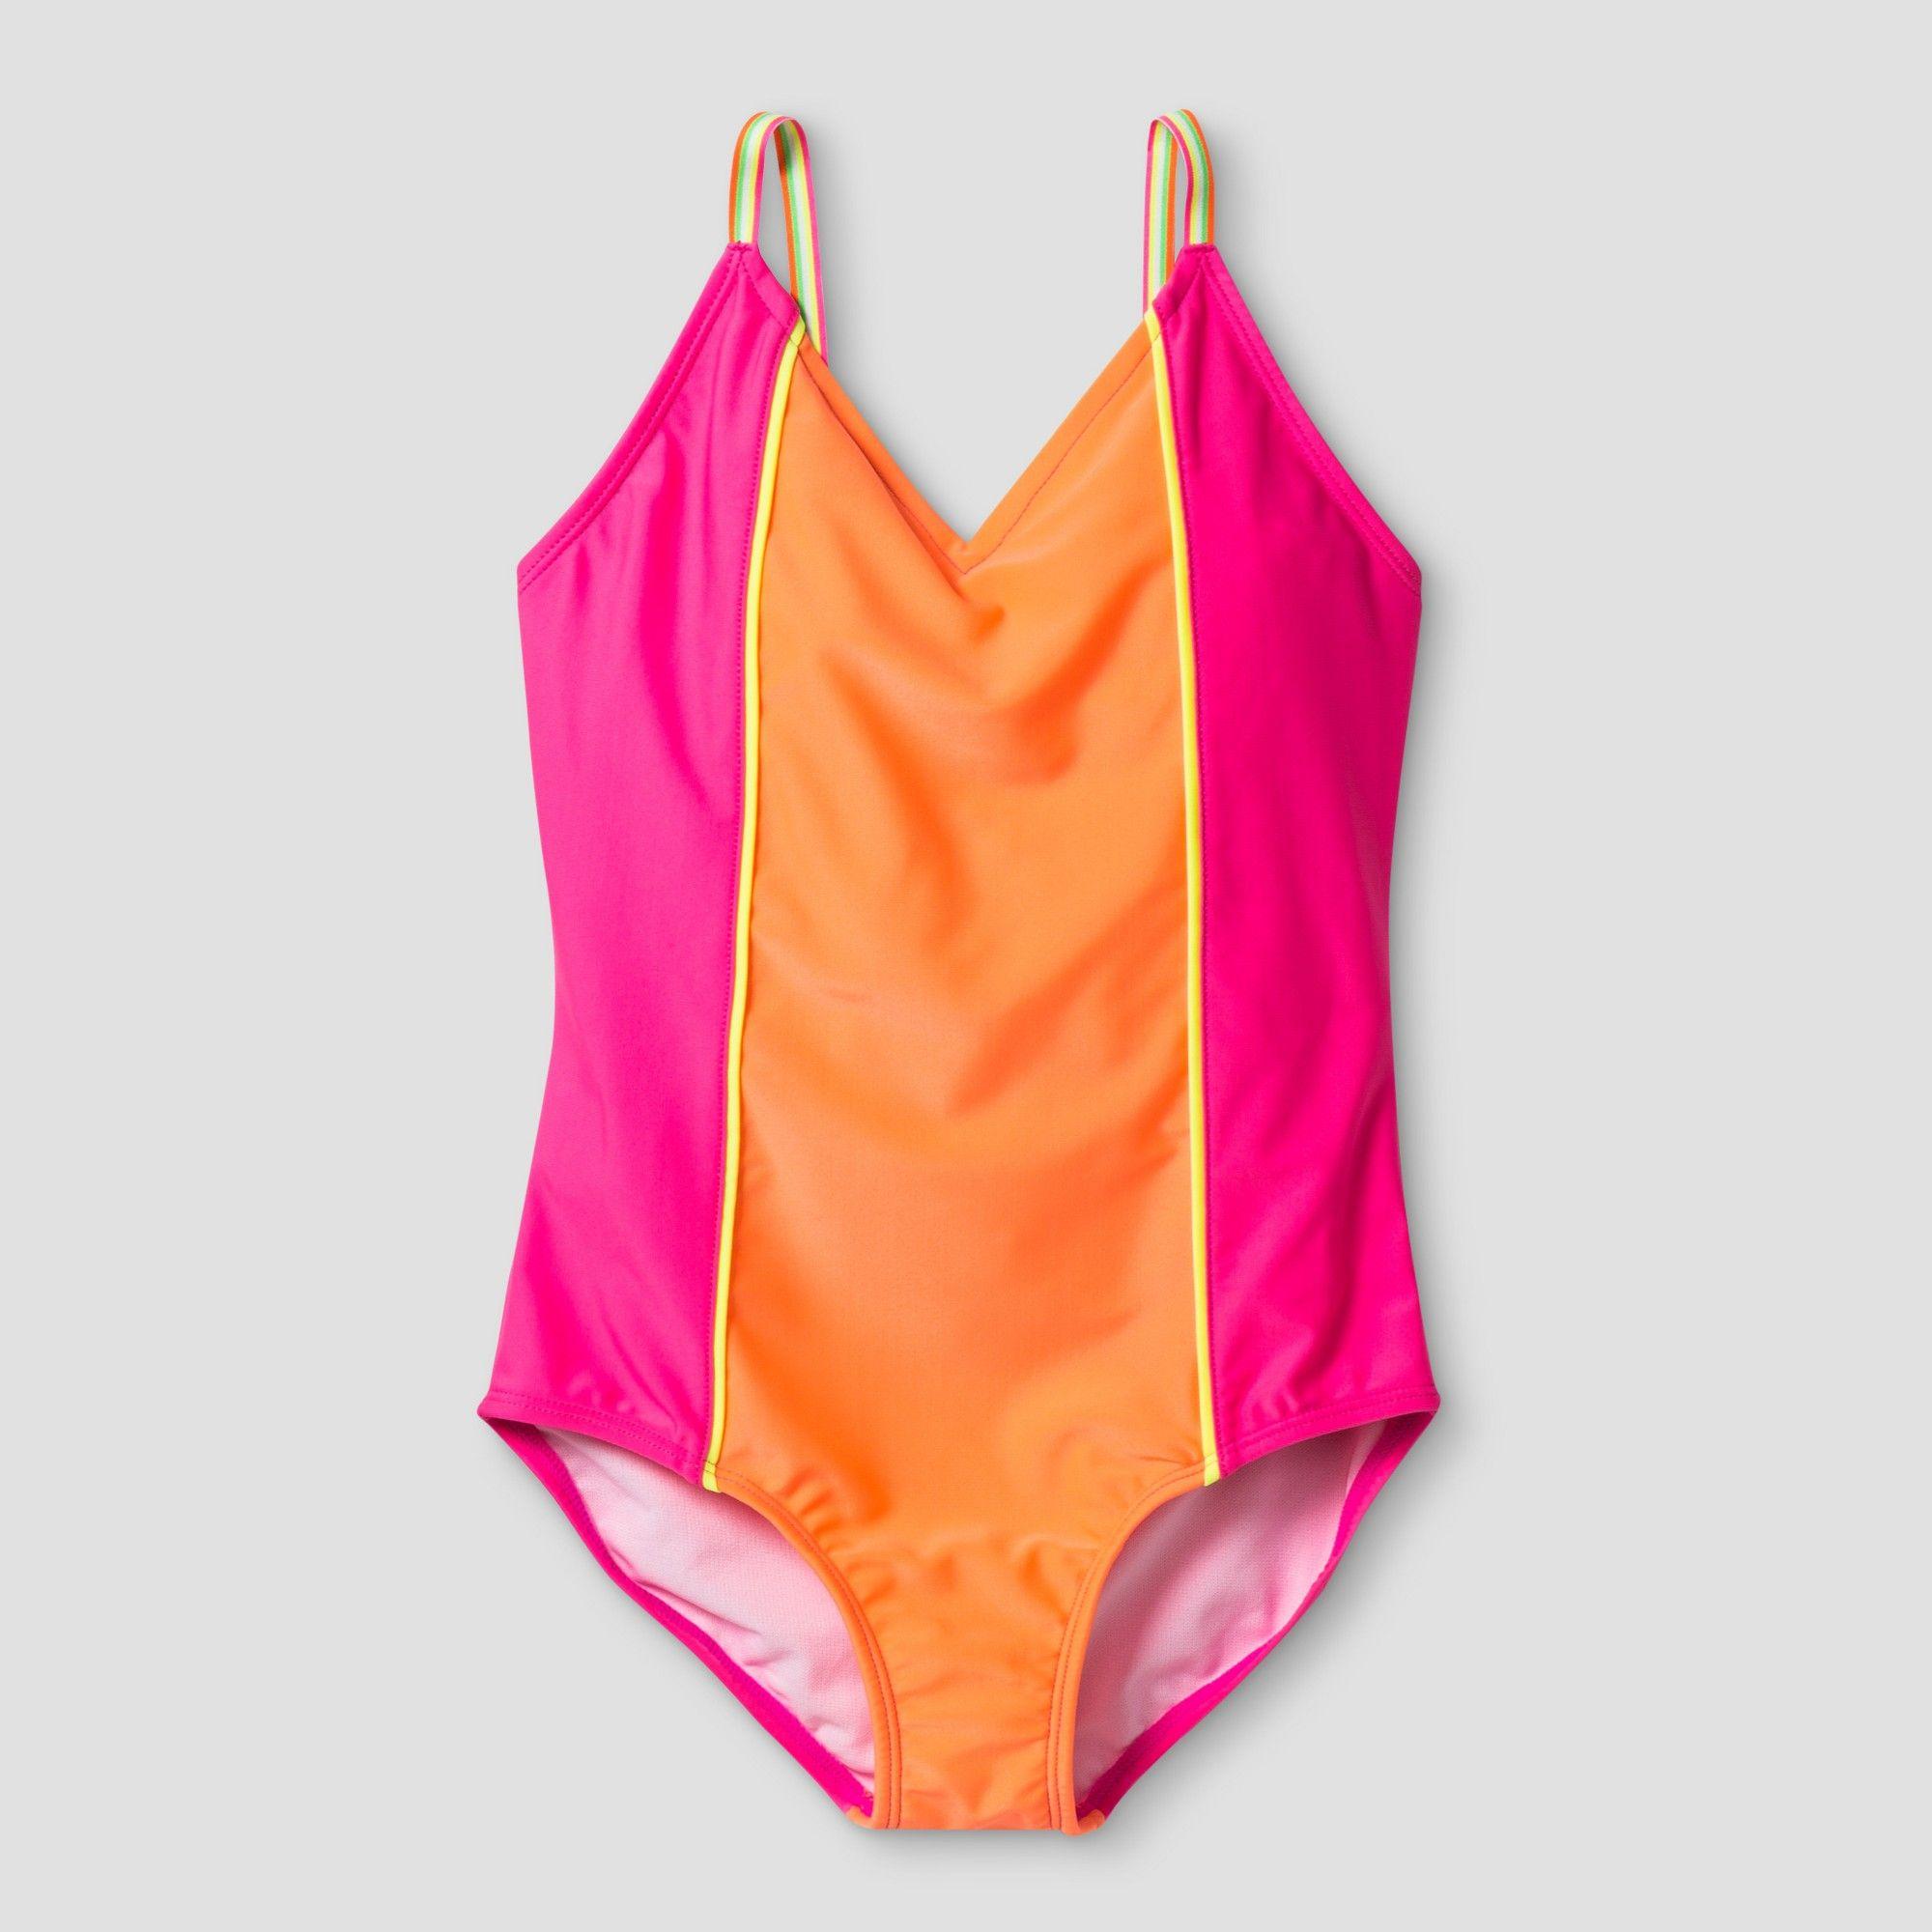 e61bb38249 Girls  One Piece Swim Suit Colorblock - Cat   Jack Pink XL ...